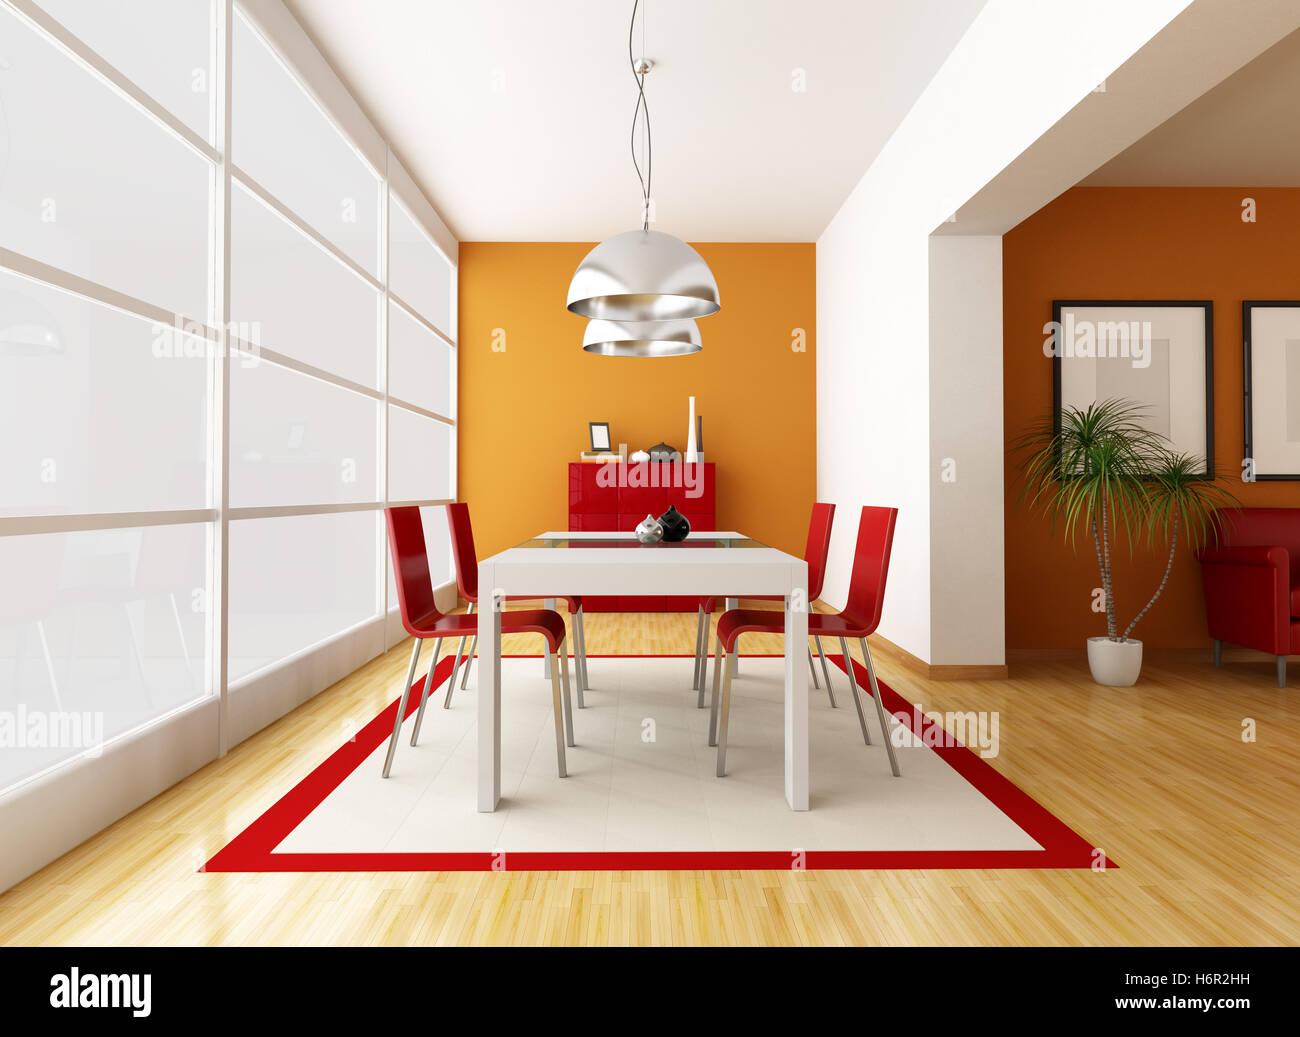 El mobiliario del comedor interior casa hogar silla mesa Cristal de construcción cáliz secadora detalle Imagen De Stock